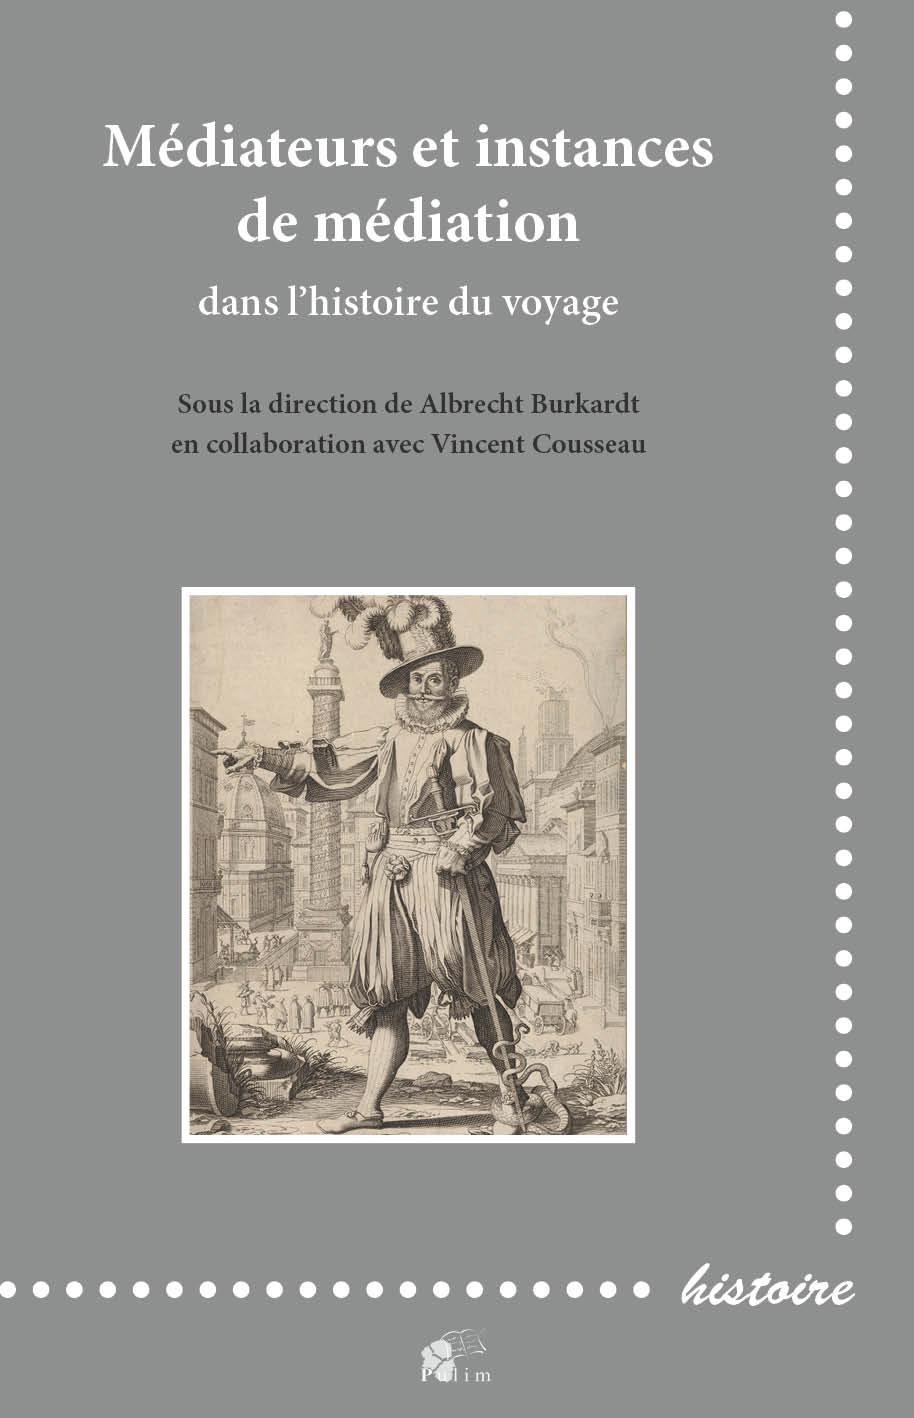 A. Burkardt, V. Cousseau (dir.),  Médiateurs et instances de médiation dans l'histoire du voyage